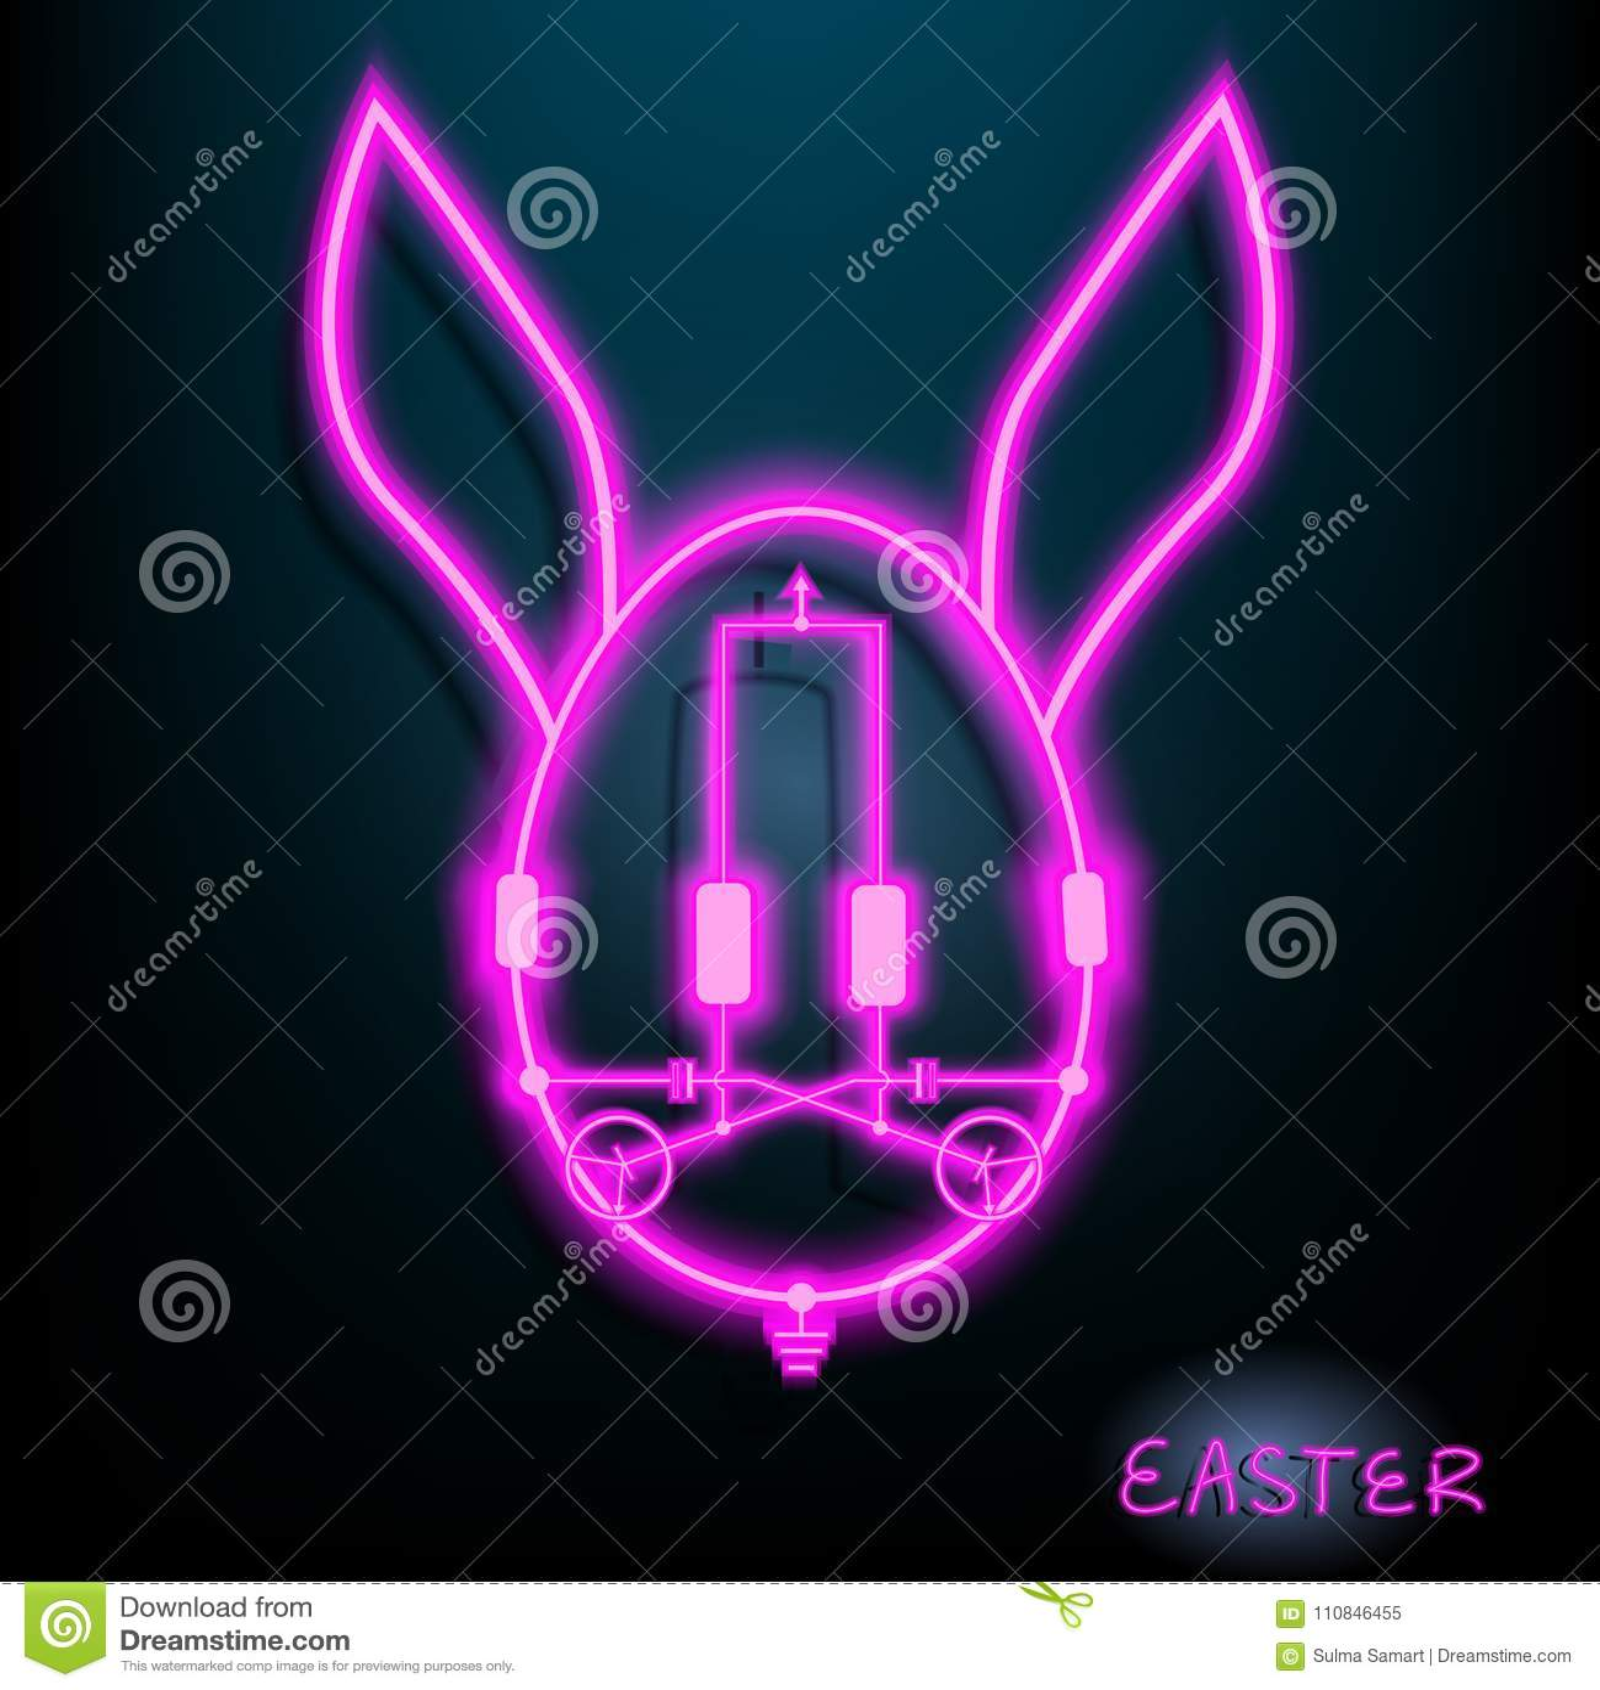 Lámpara de neón del circuito de Pascua LED del huevo del conejo con color rosado Fondo oscuro Ilustración Vector Diseño gráfico